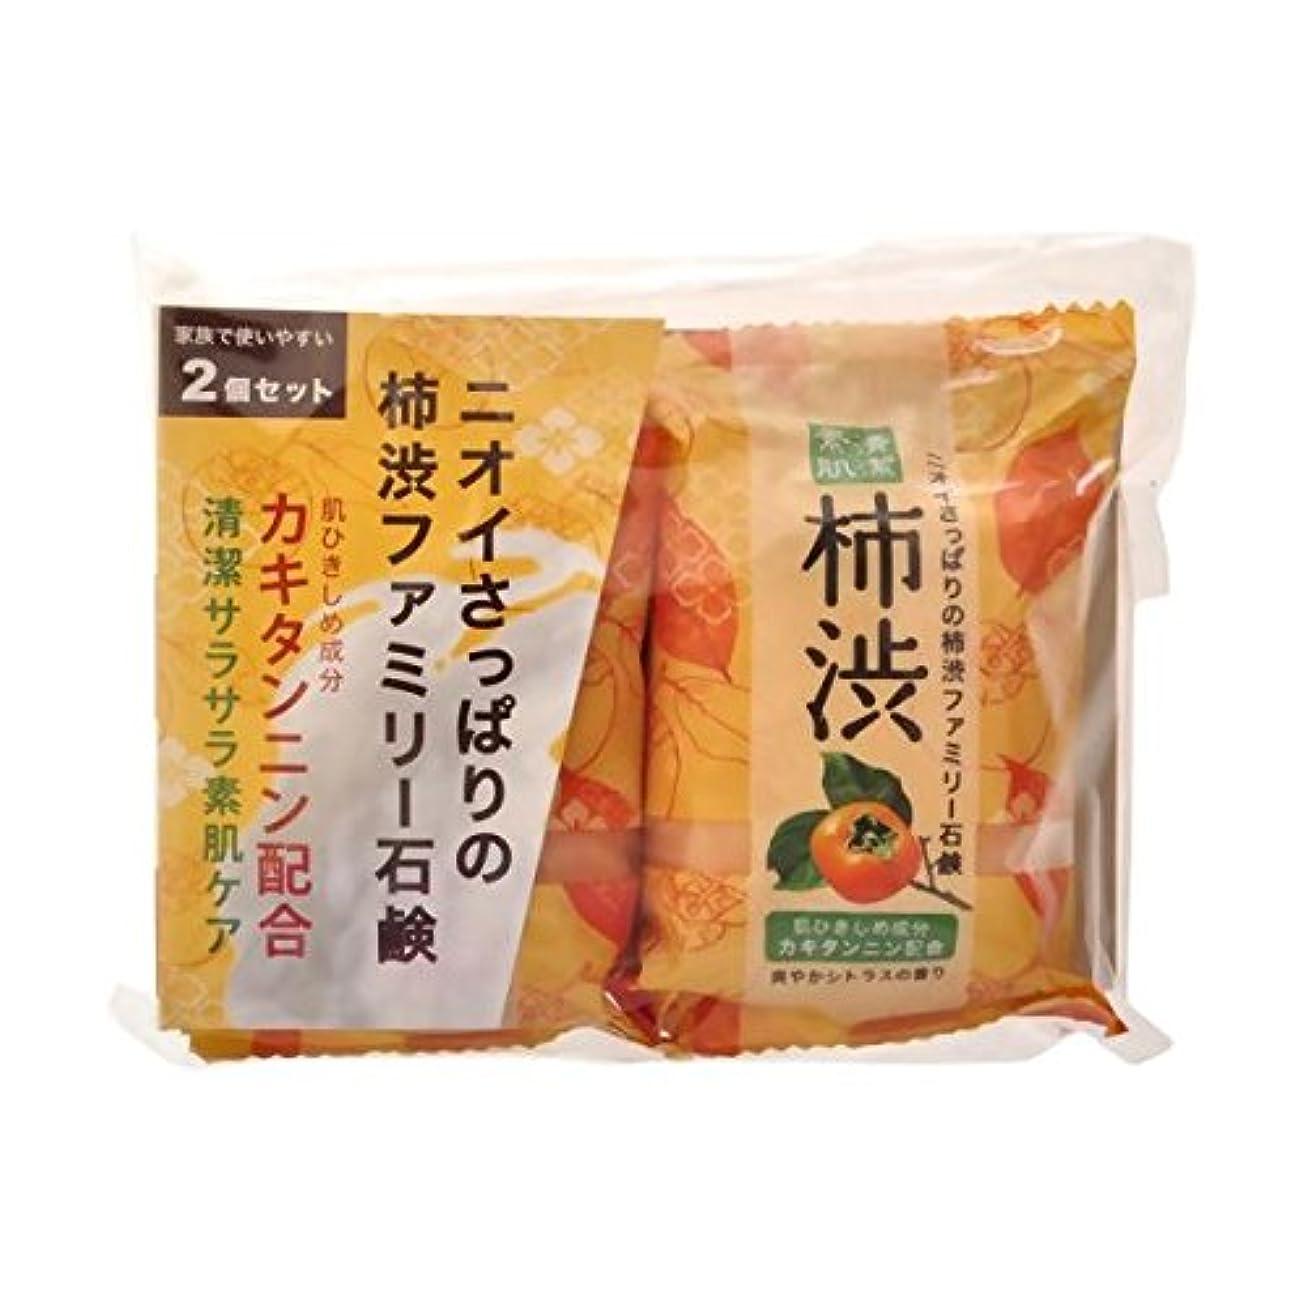 サイレン勇敢なポジション【お徳用 6 セット】 ペリカン 柿渋ファミリー石鹸 80g×2個×6セット